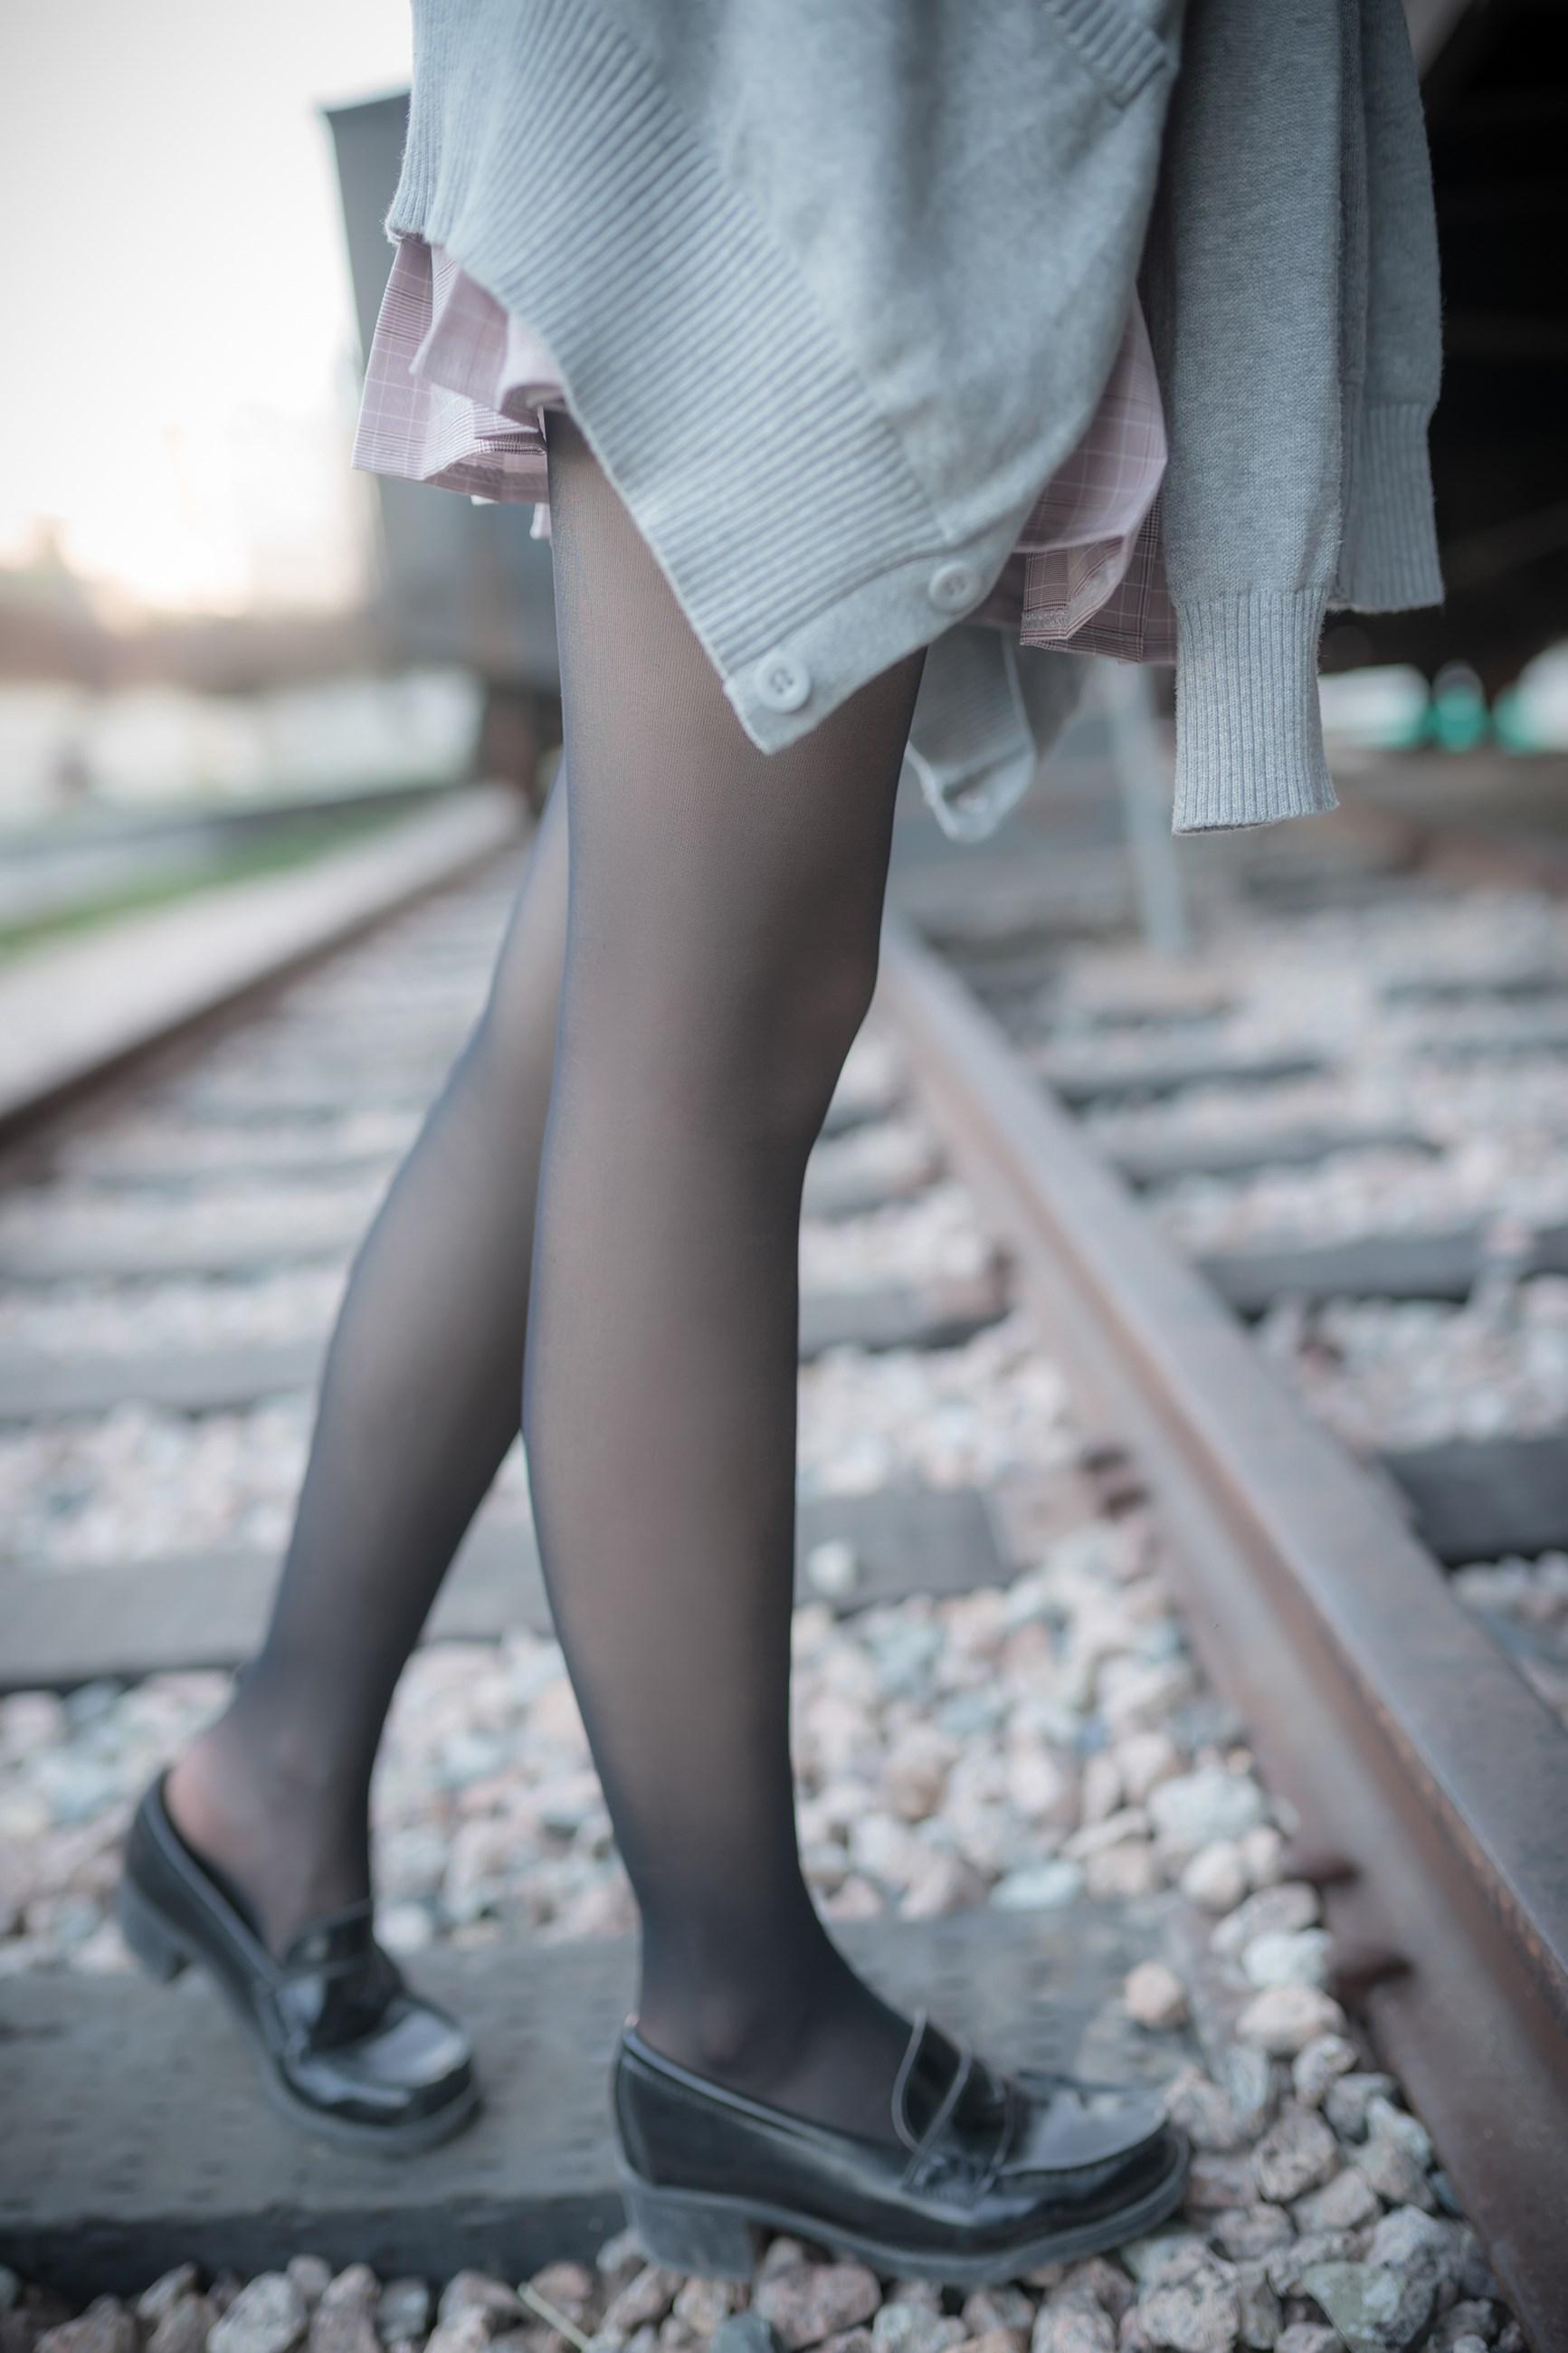 【兔玩映画】铁轨旁的小细腿 兔玩映画 第50张